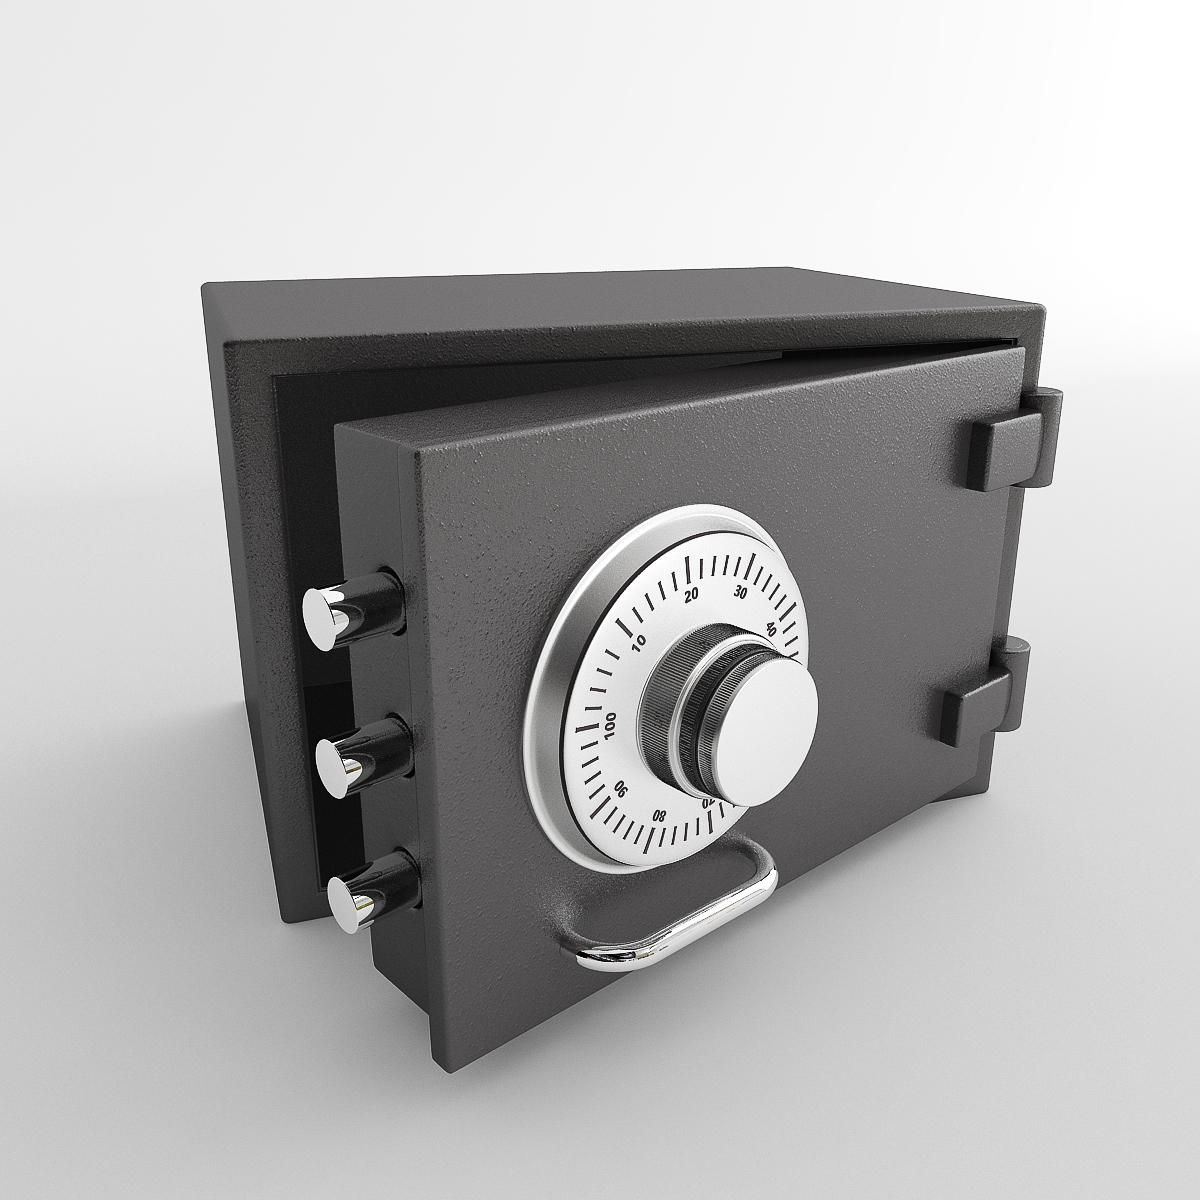 8.6 L Home Safe Coffre-fort électronique à code /& Emergency Override Slypnos Safe Box